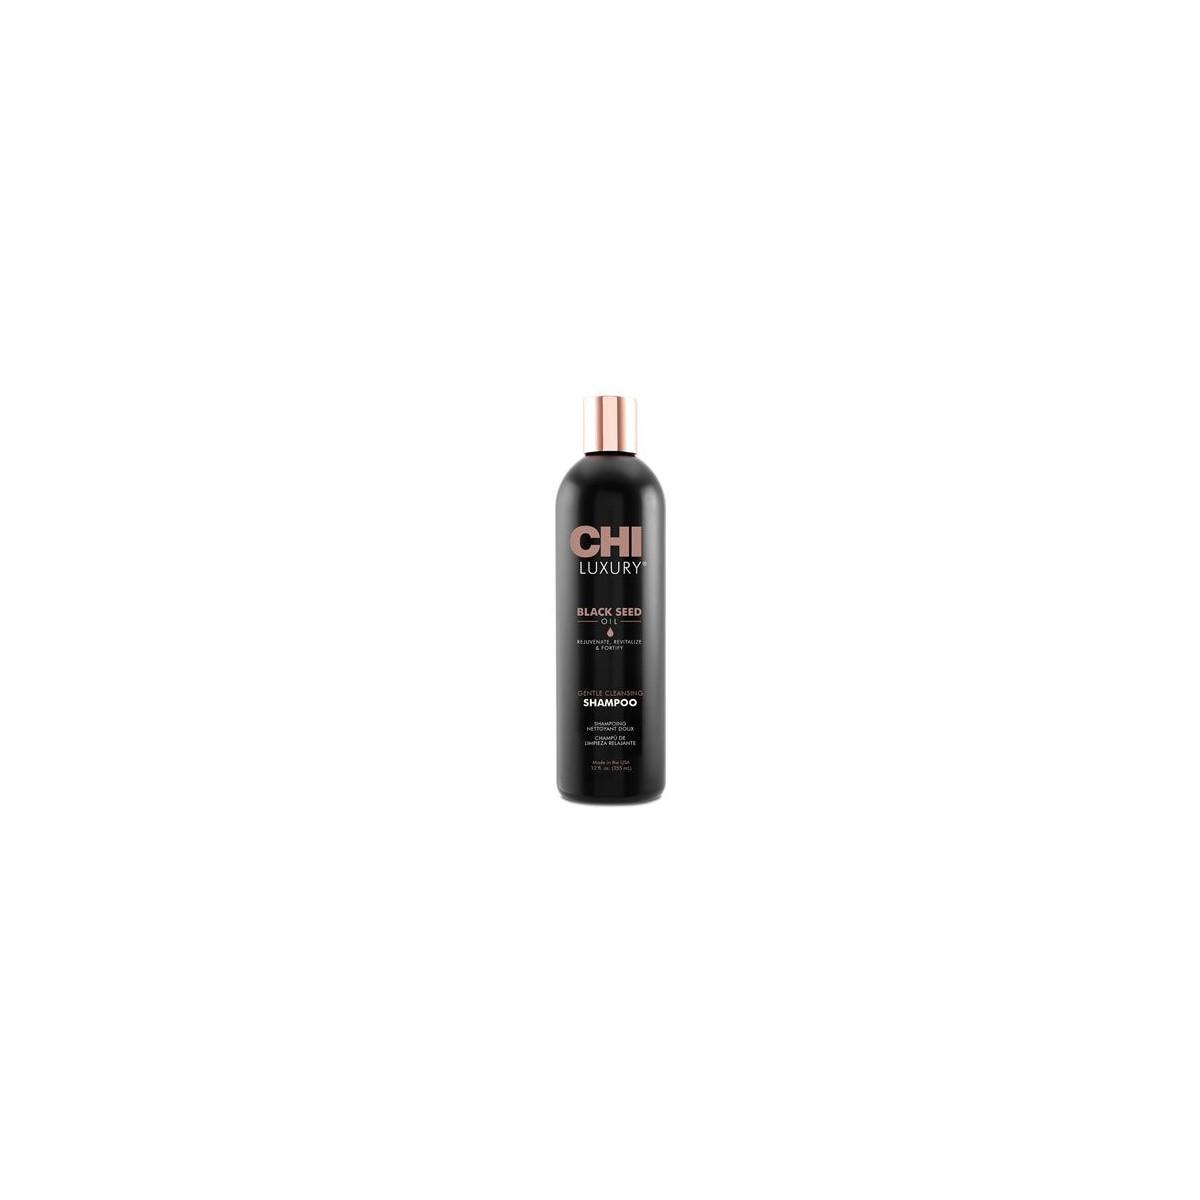 CHI Luxury Black Seed Oil, Szampon oczyszczajacy do włosów 355ml